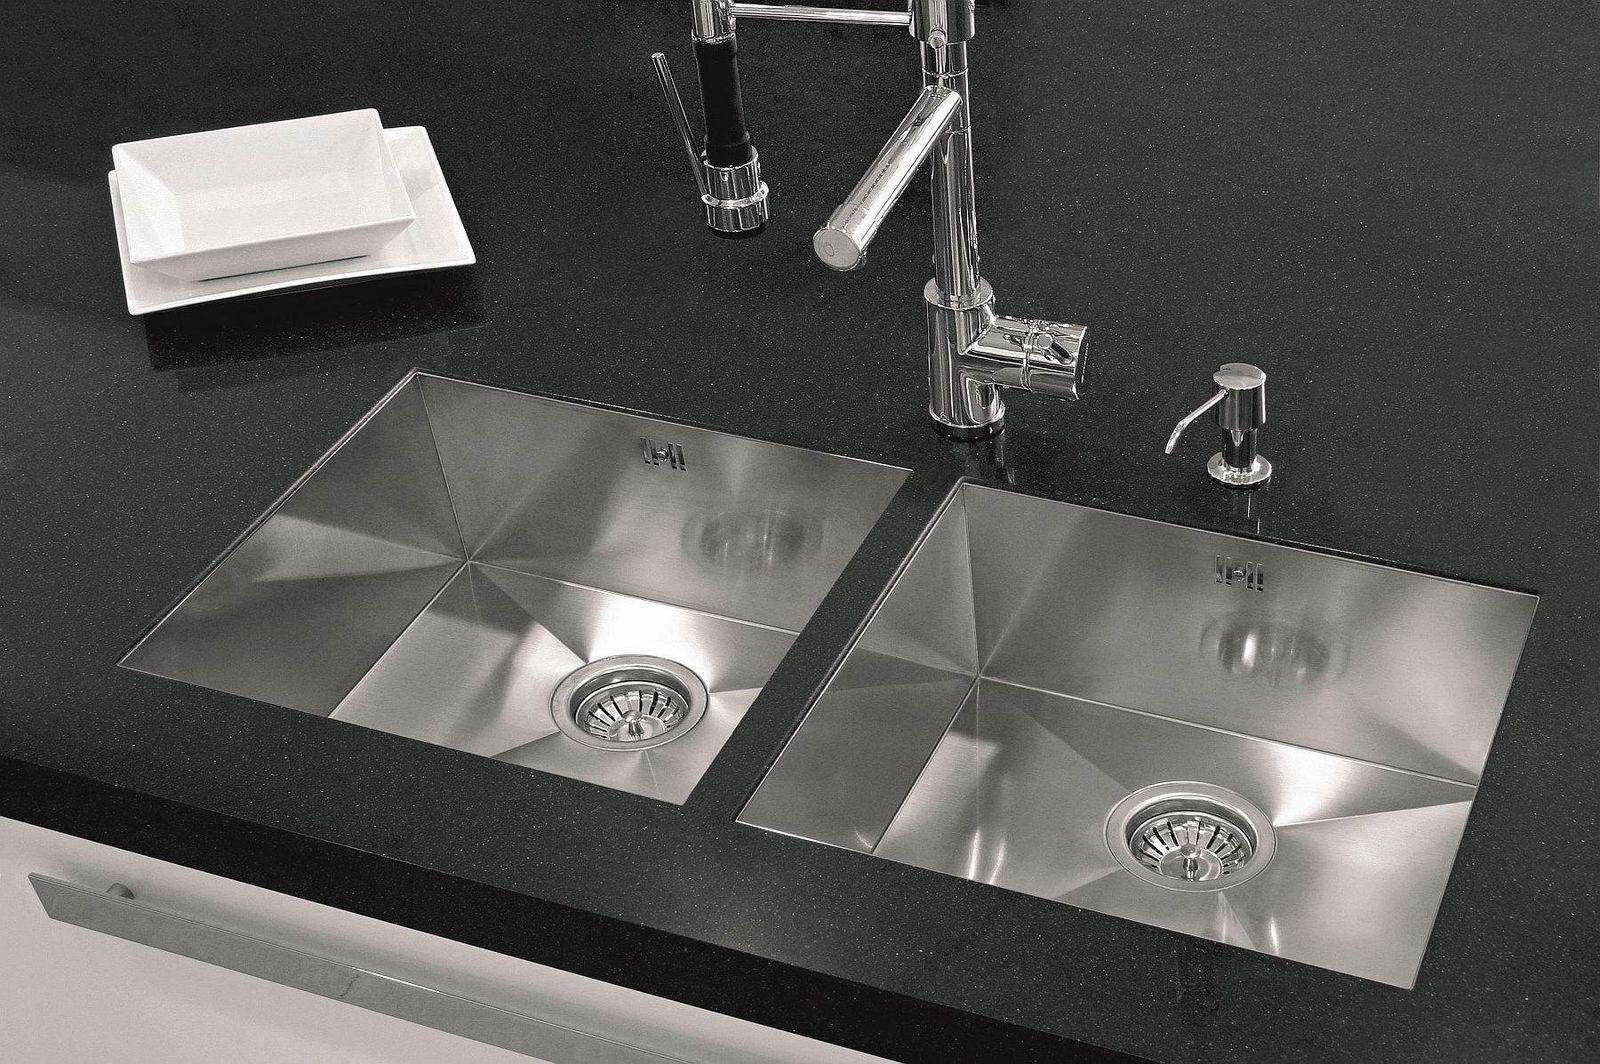 Ungewöhnlich Bilder Von Unterbau Küchenspülen Zeitgenössisch - Küche ...